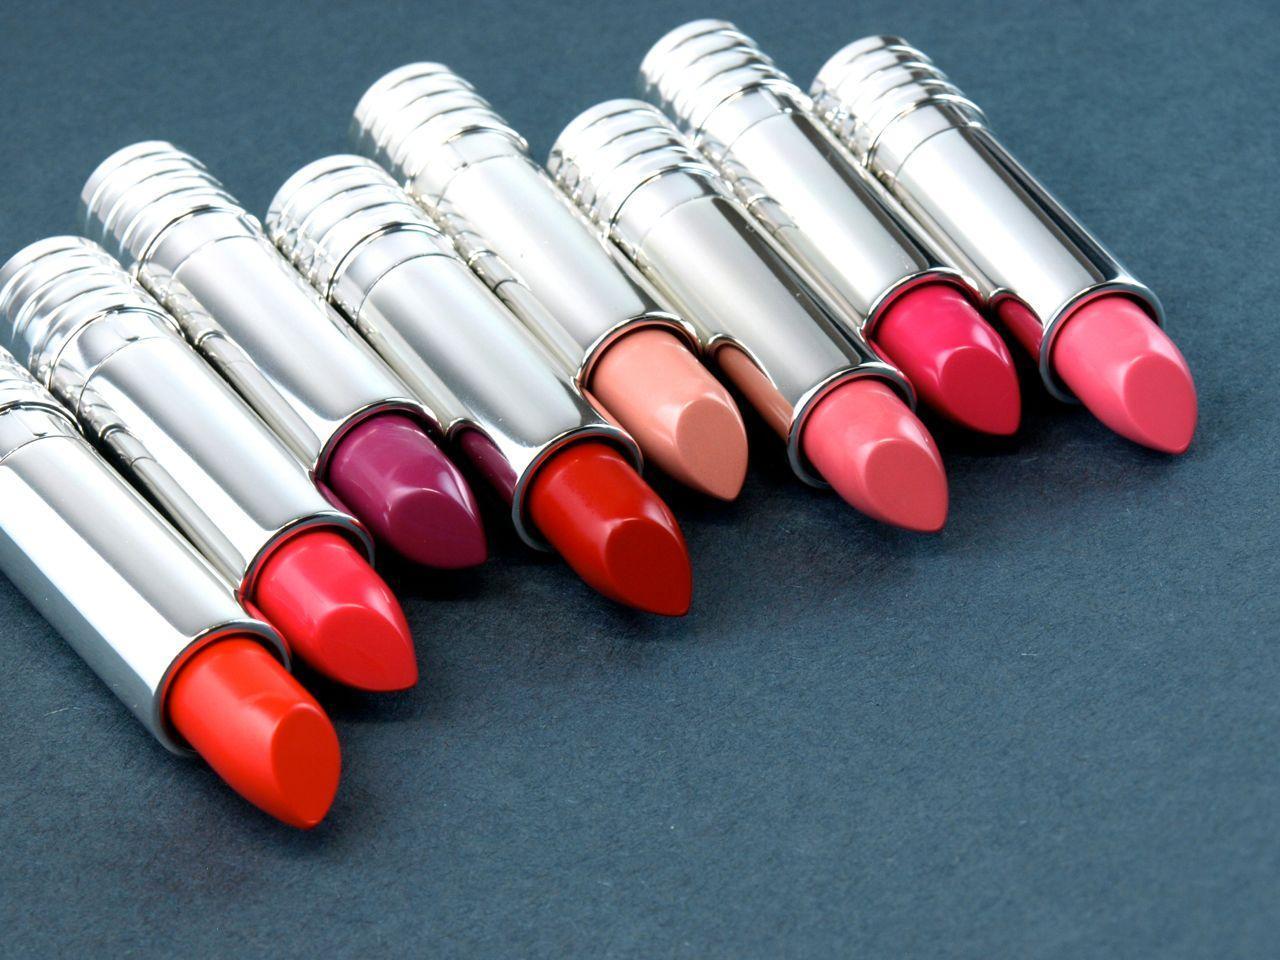 Bảng màu son đa dạng từ đỏ, hồng đến tím (Ảnh: Internet)